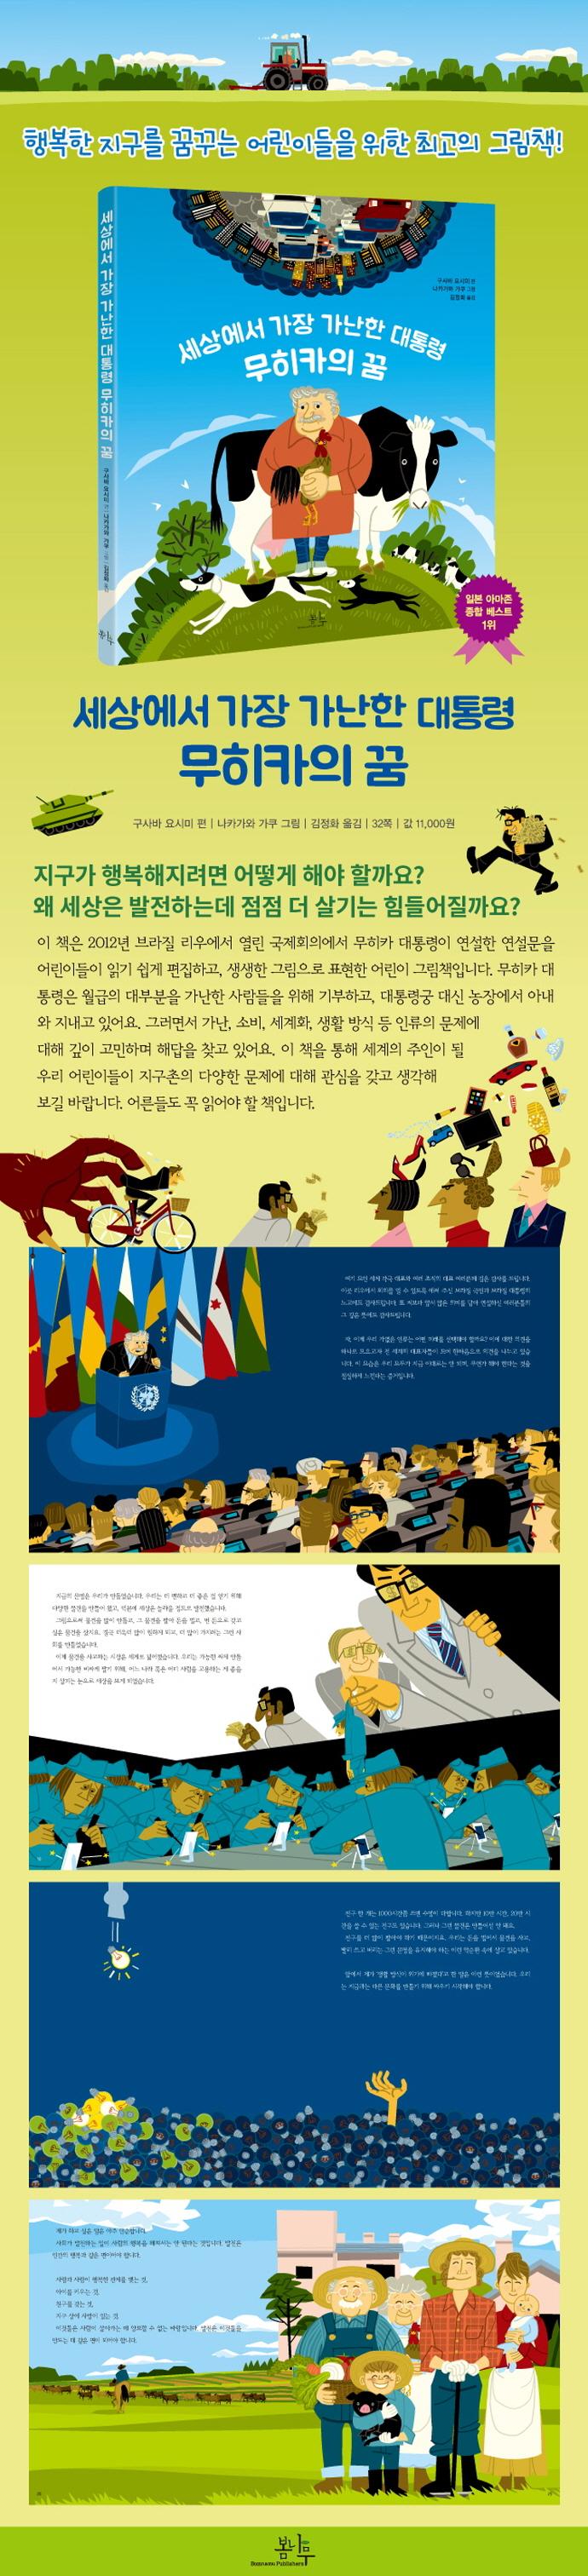 세상에서 가장 가난한 대통령 무히카의 꿈(양장본 HardCover) 도서 상세이미지